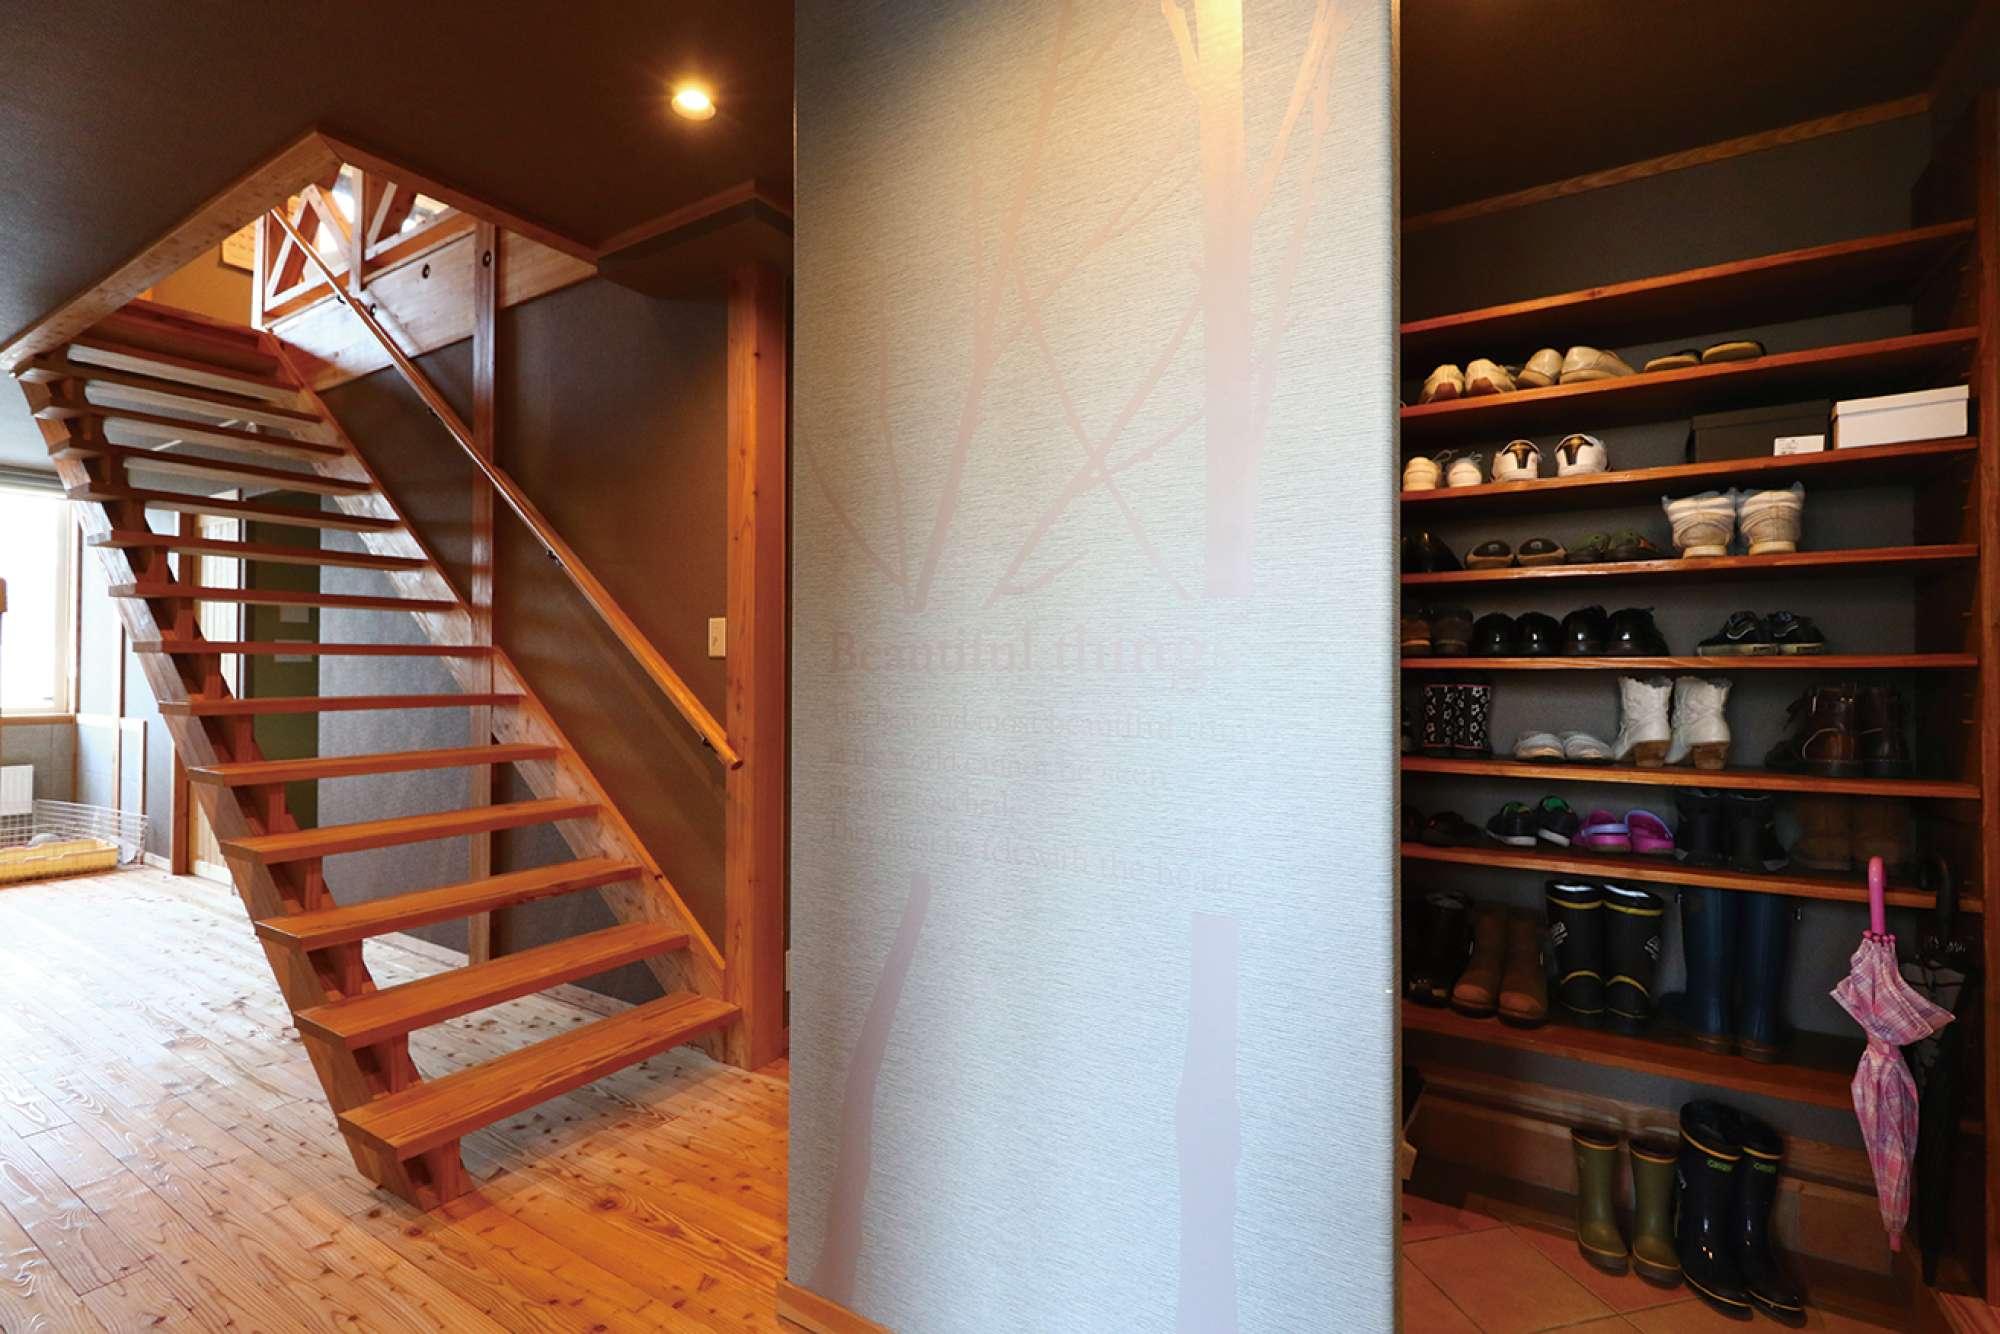 シューズクロークとさらし階段。左手奥はペットコーナー -  -  -